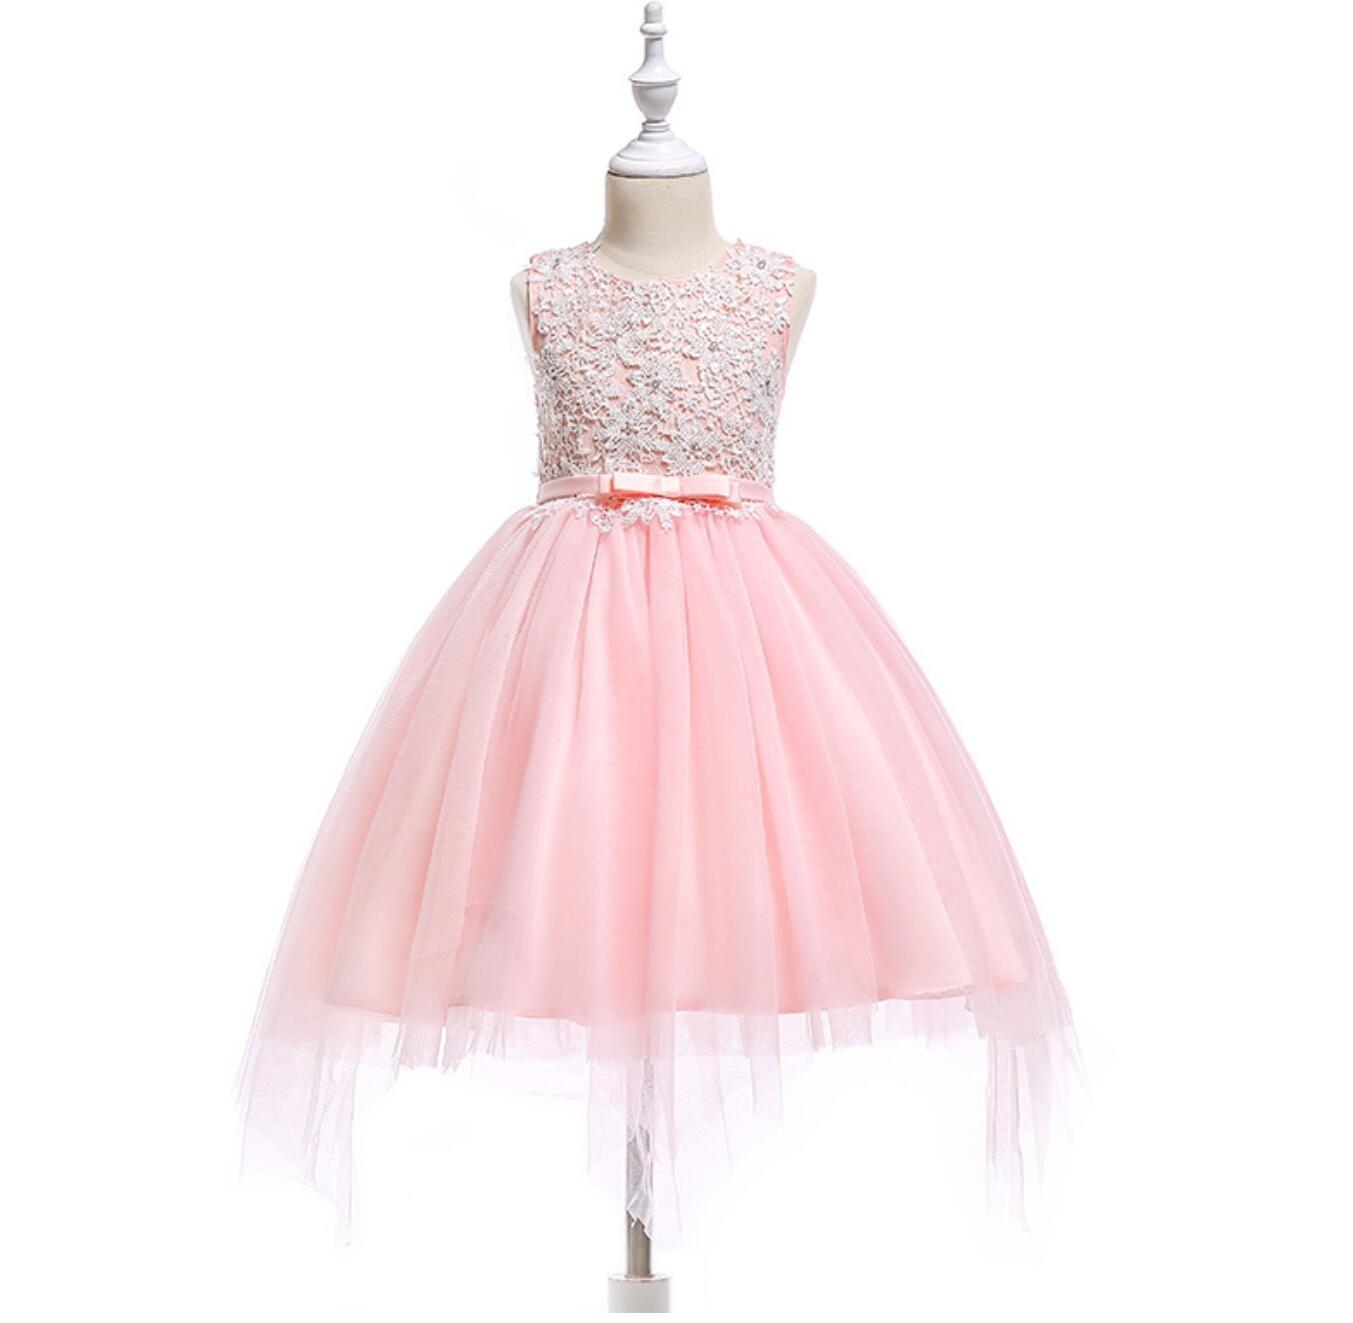 Meisjeskleding Meisjes Feestjurk Carien - roze